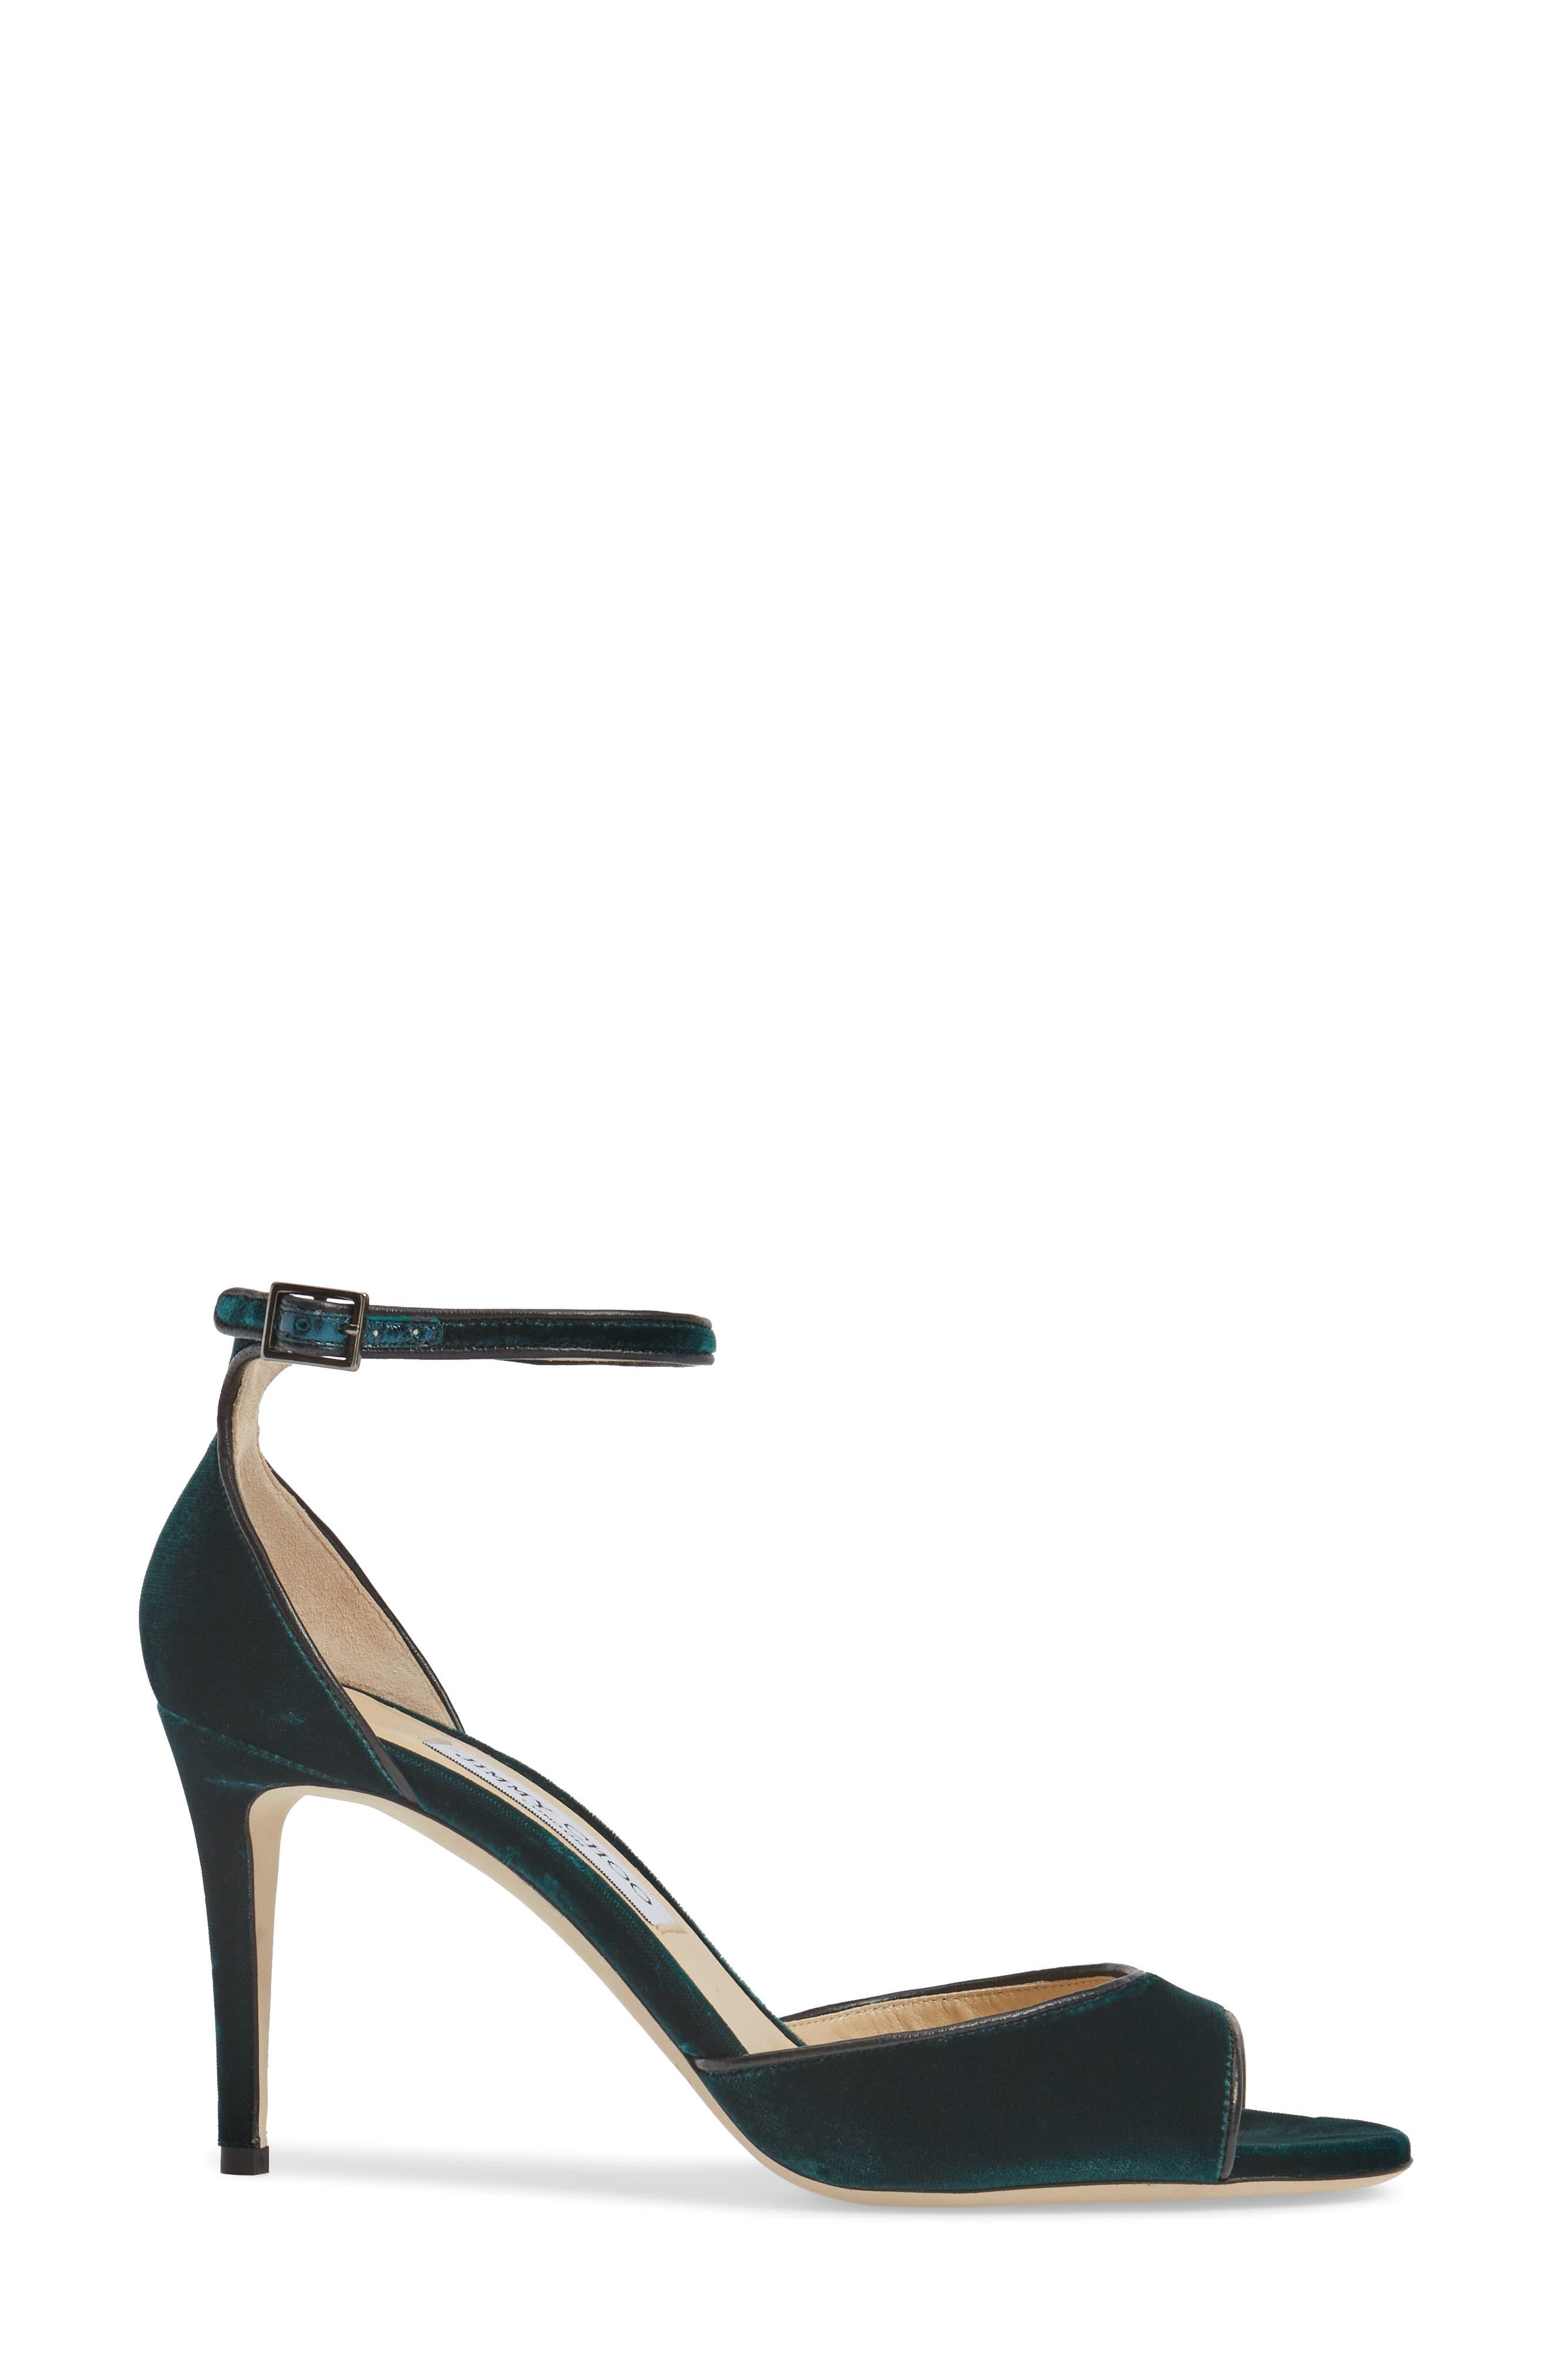 Annie Ankle Strap Sandal,                             Alternate thumbnail 3, color,                             300